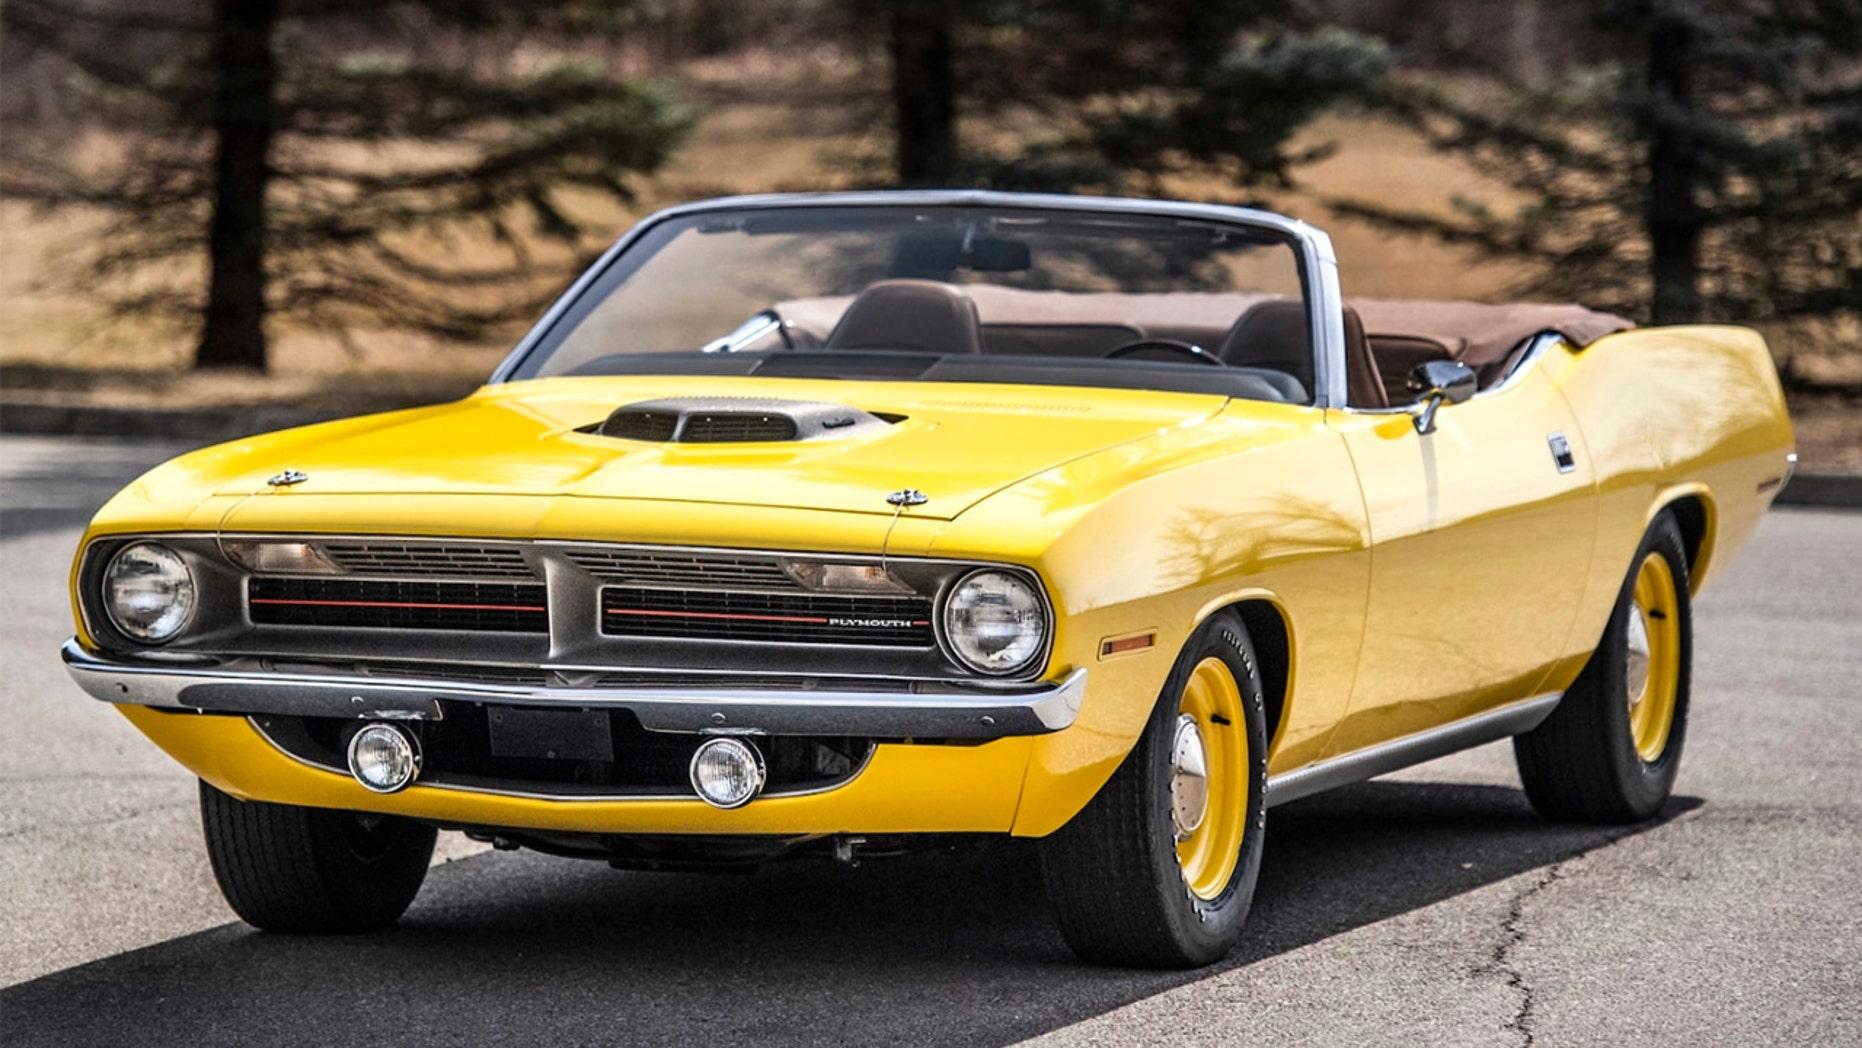 Rare 1970 Plymouth Hemi Cuda